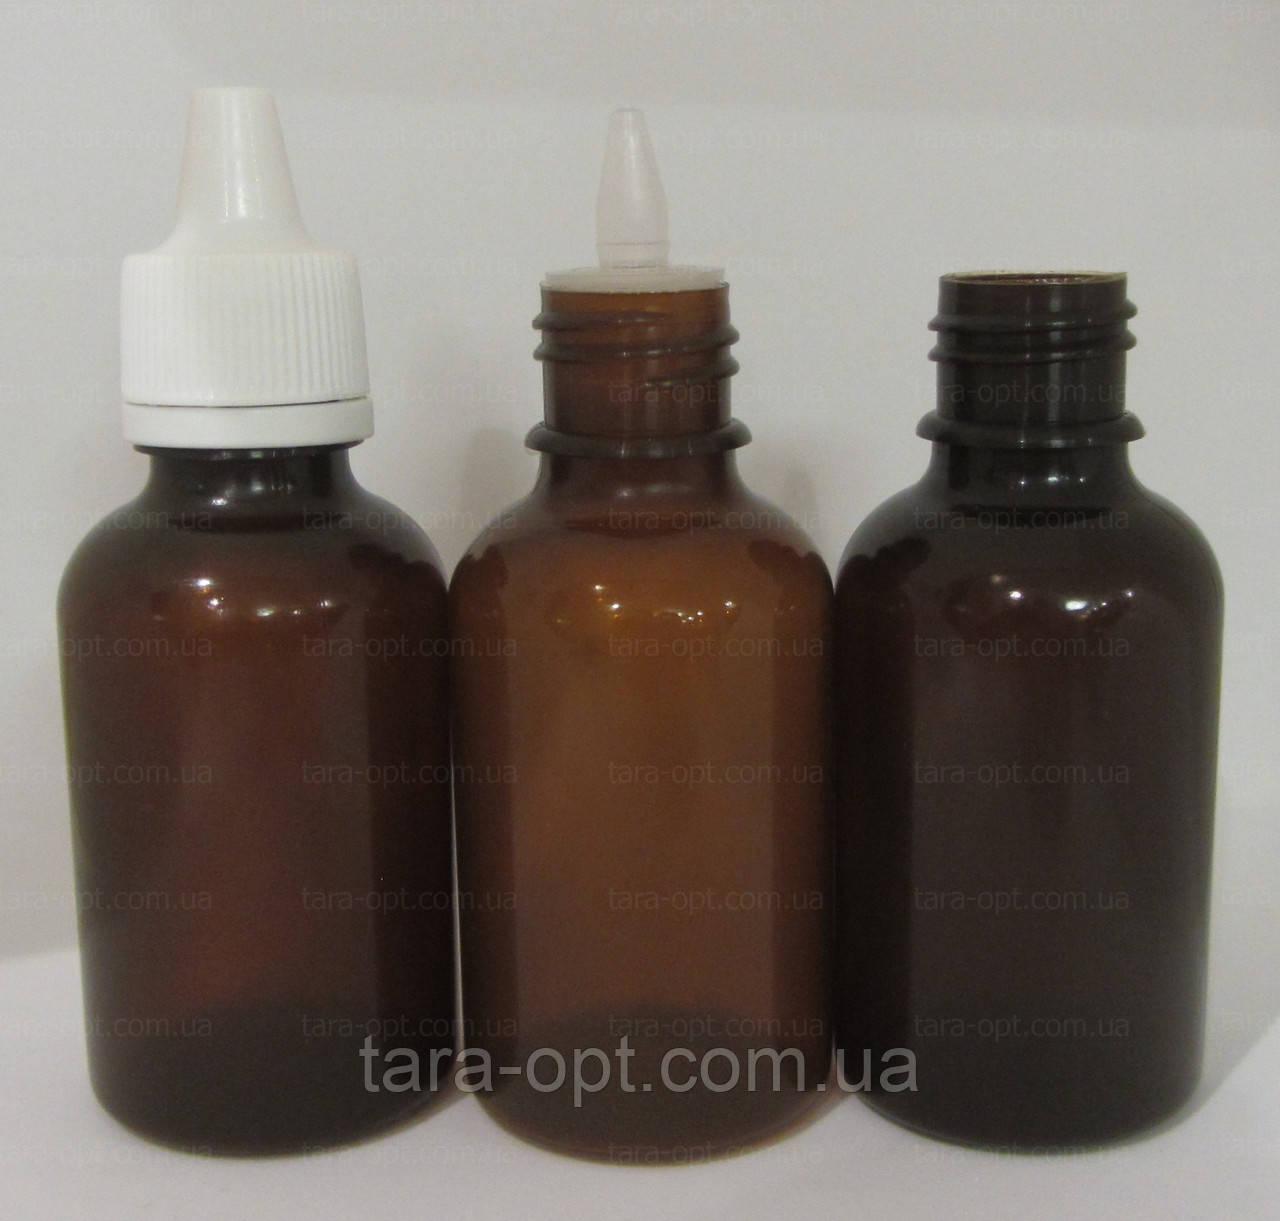 Флакони 50 мл, коричнева пляшечка, (Ціна від 3,25 грн)*